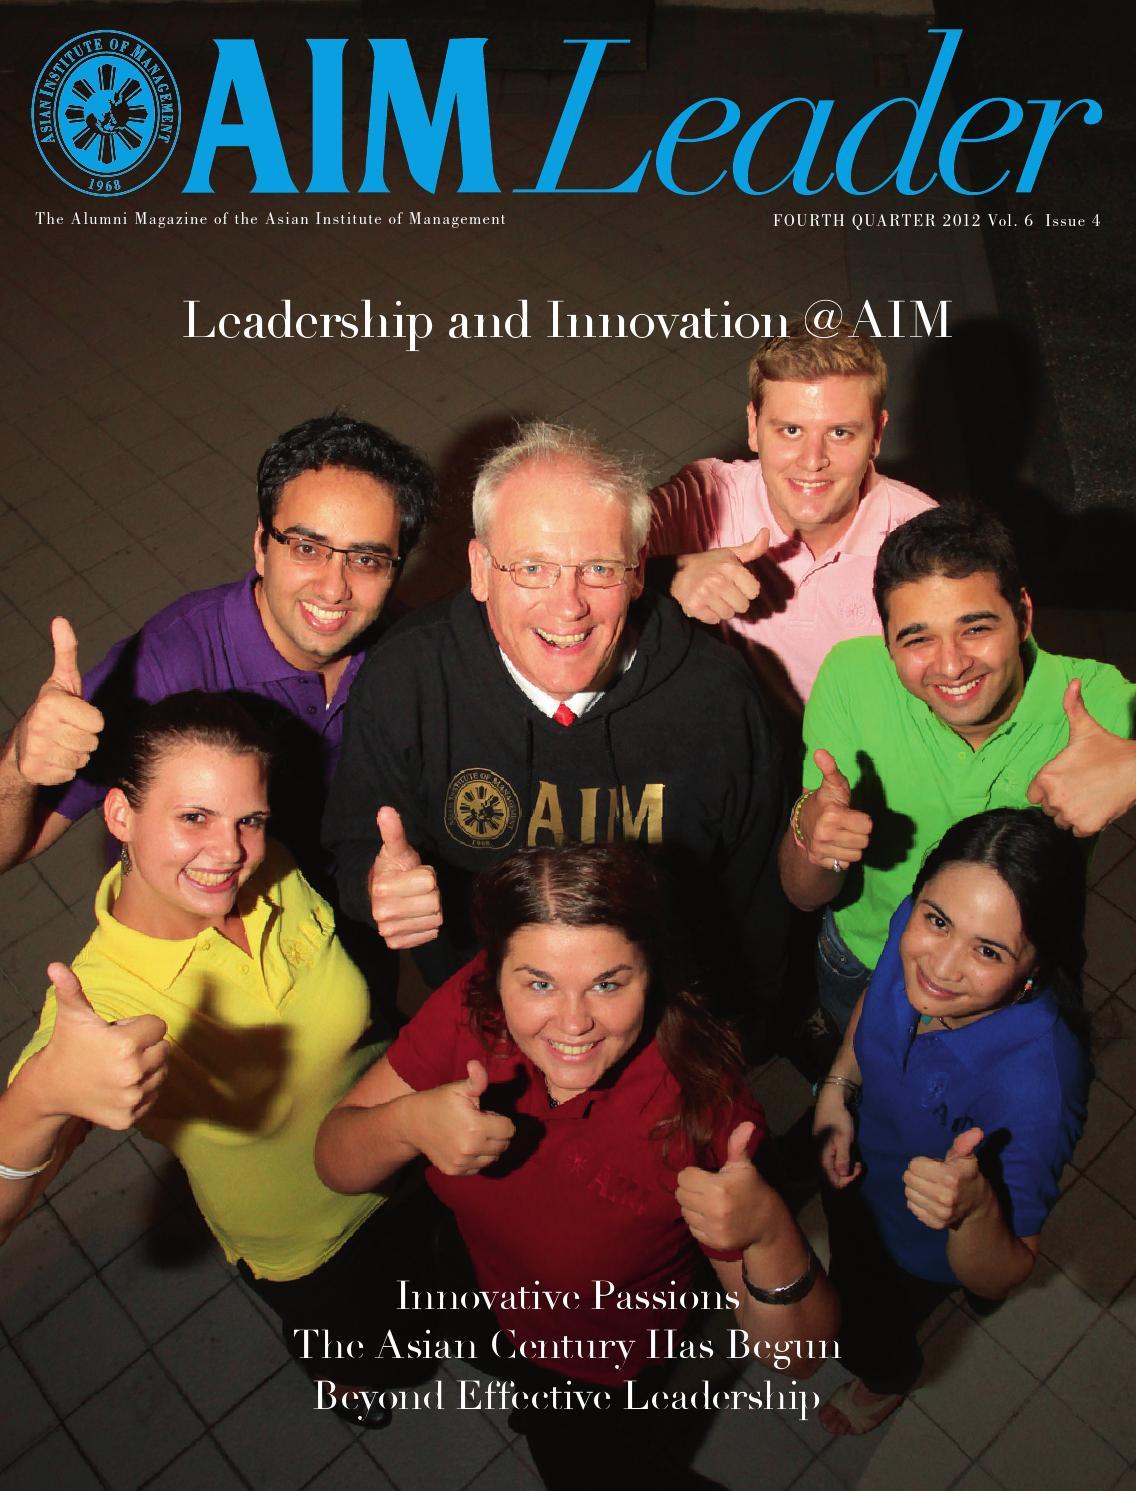 AIM Leader 4th Quarter 2012 by AIM Alumni Publication - issuu